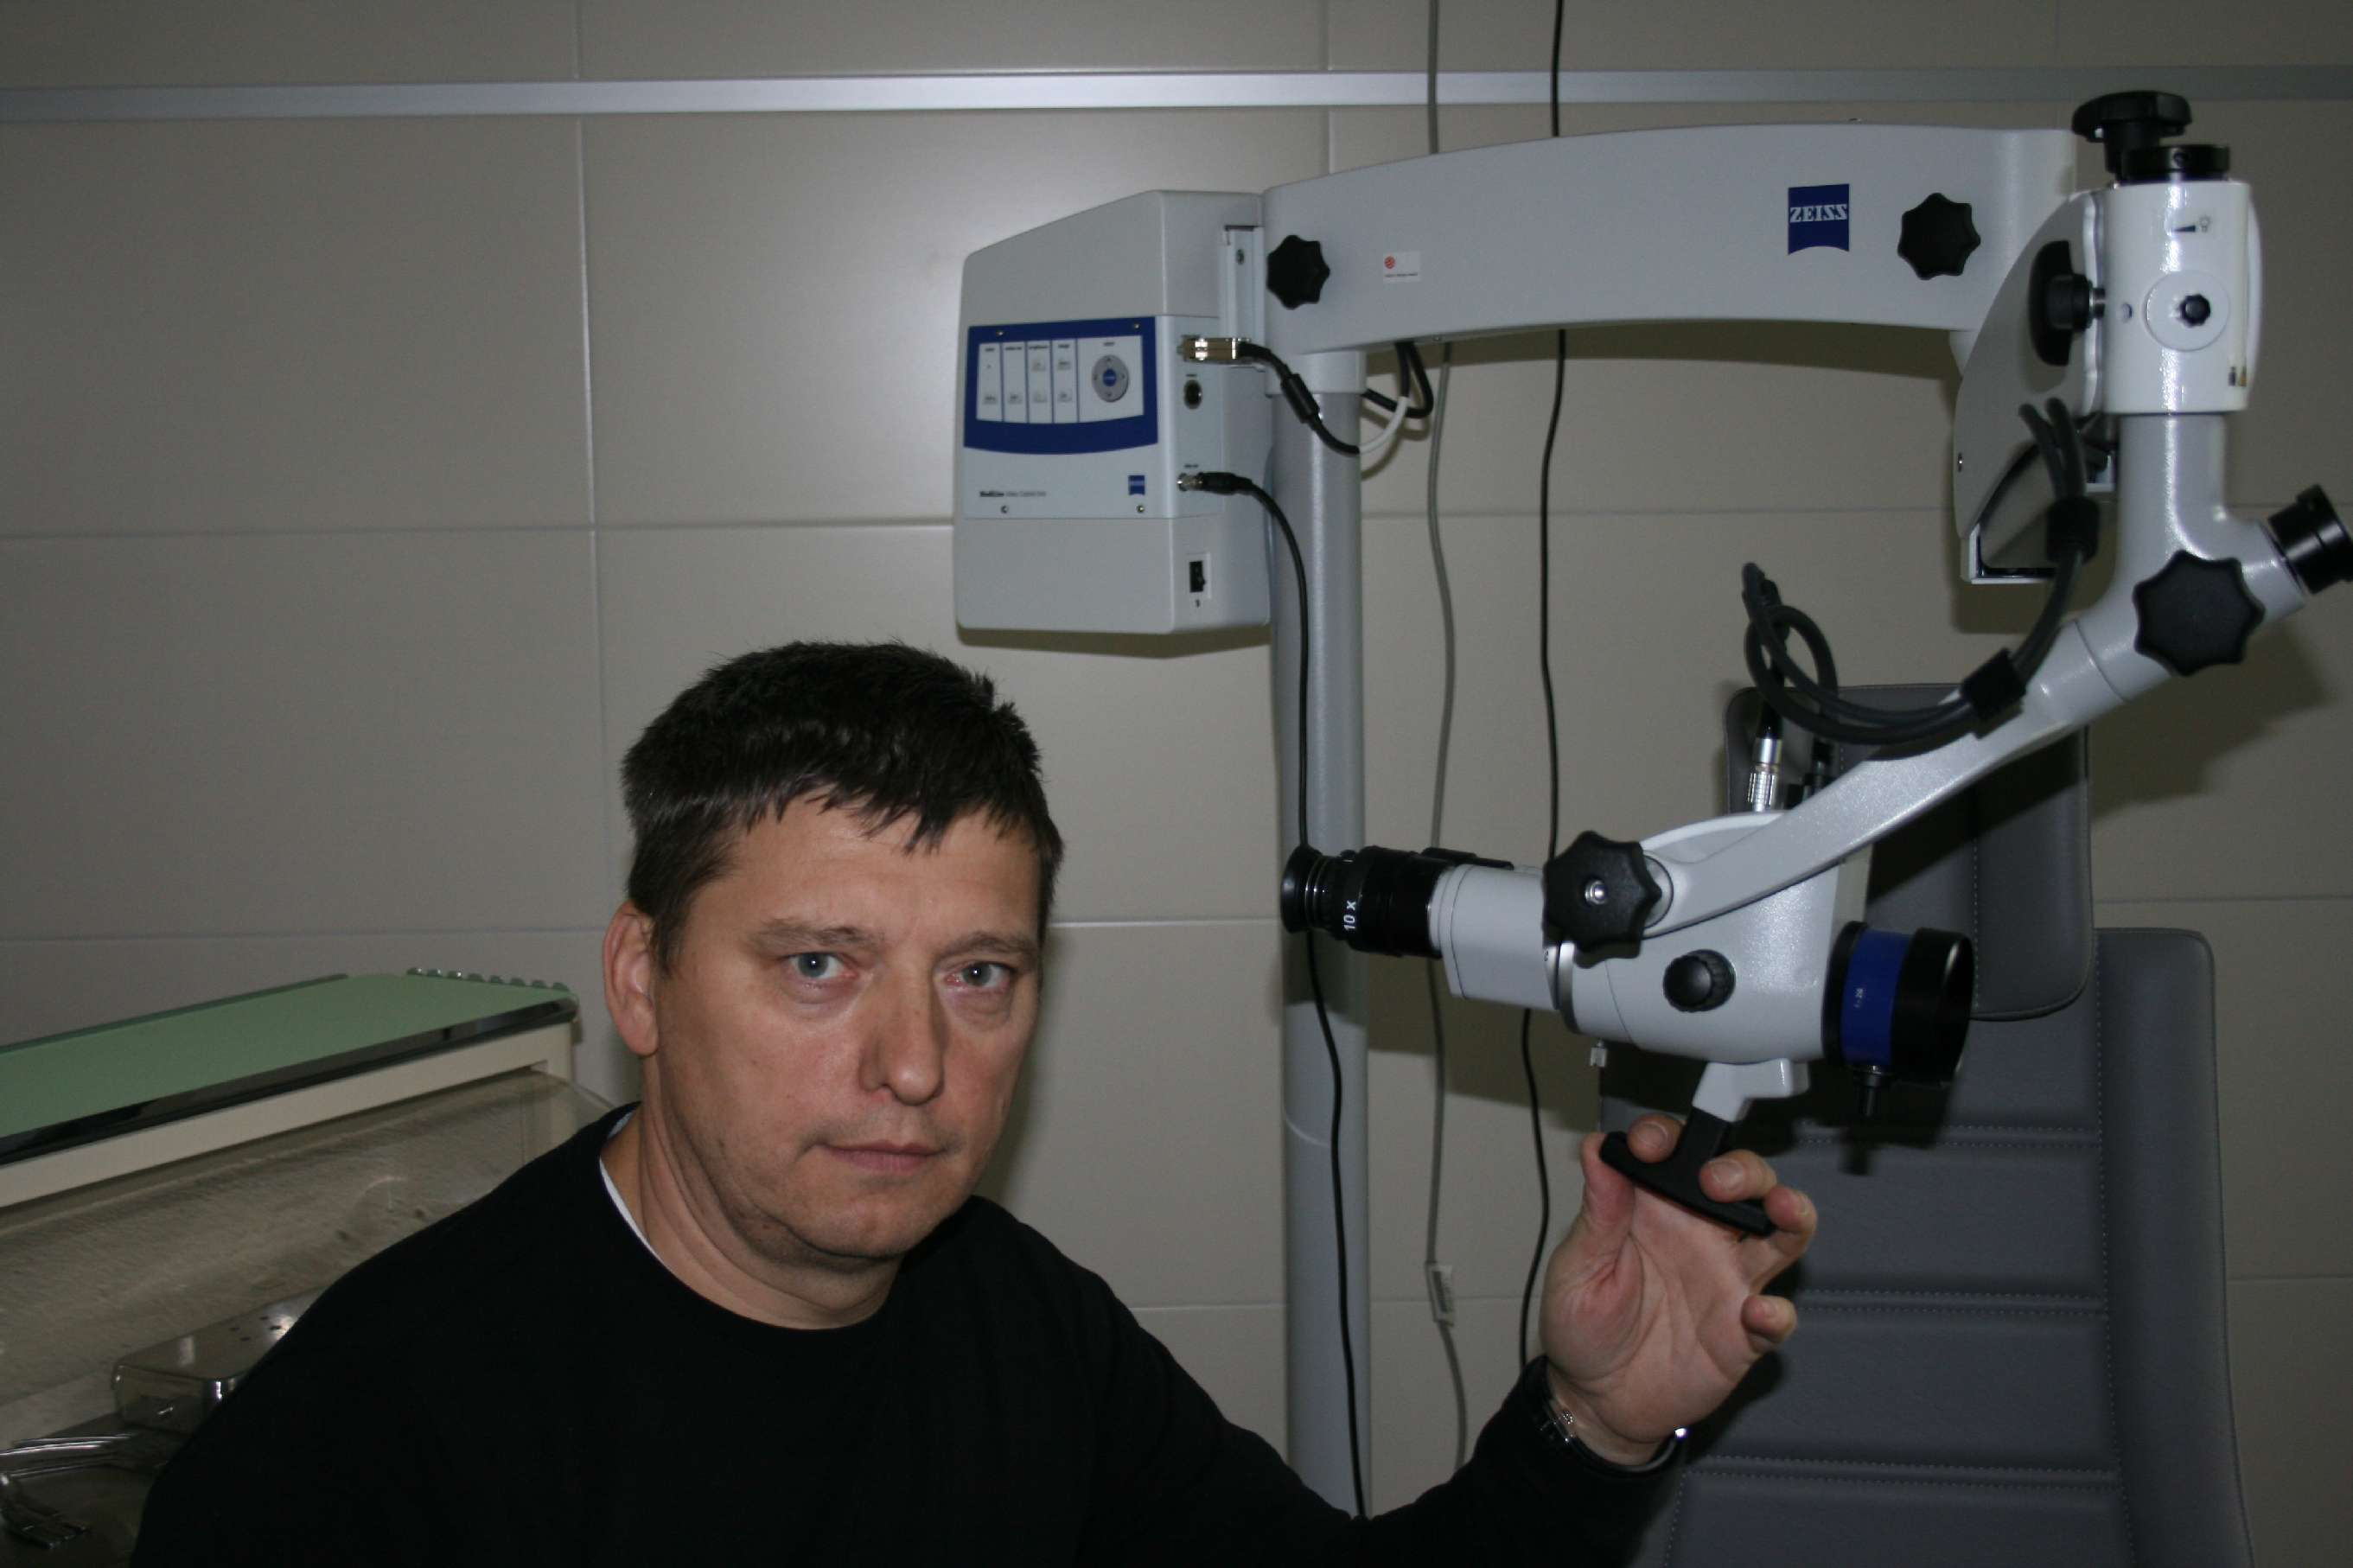 Zeiss-op-mikroskop